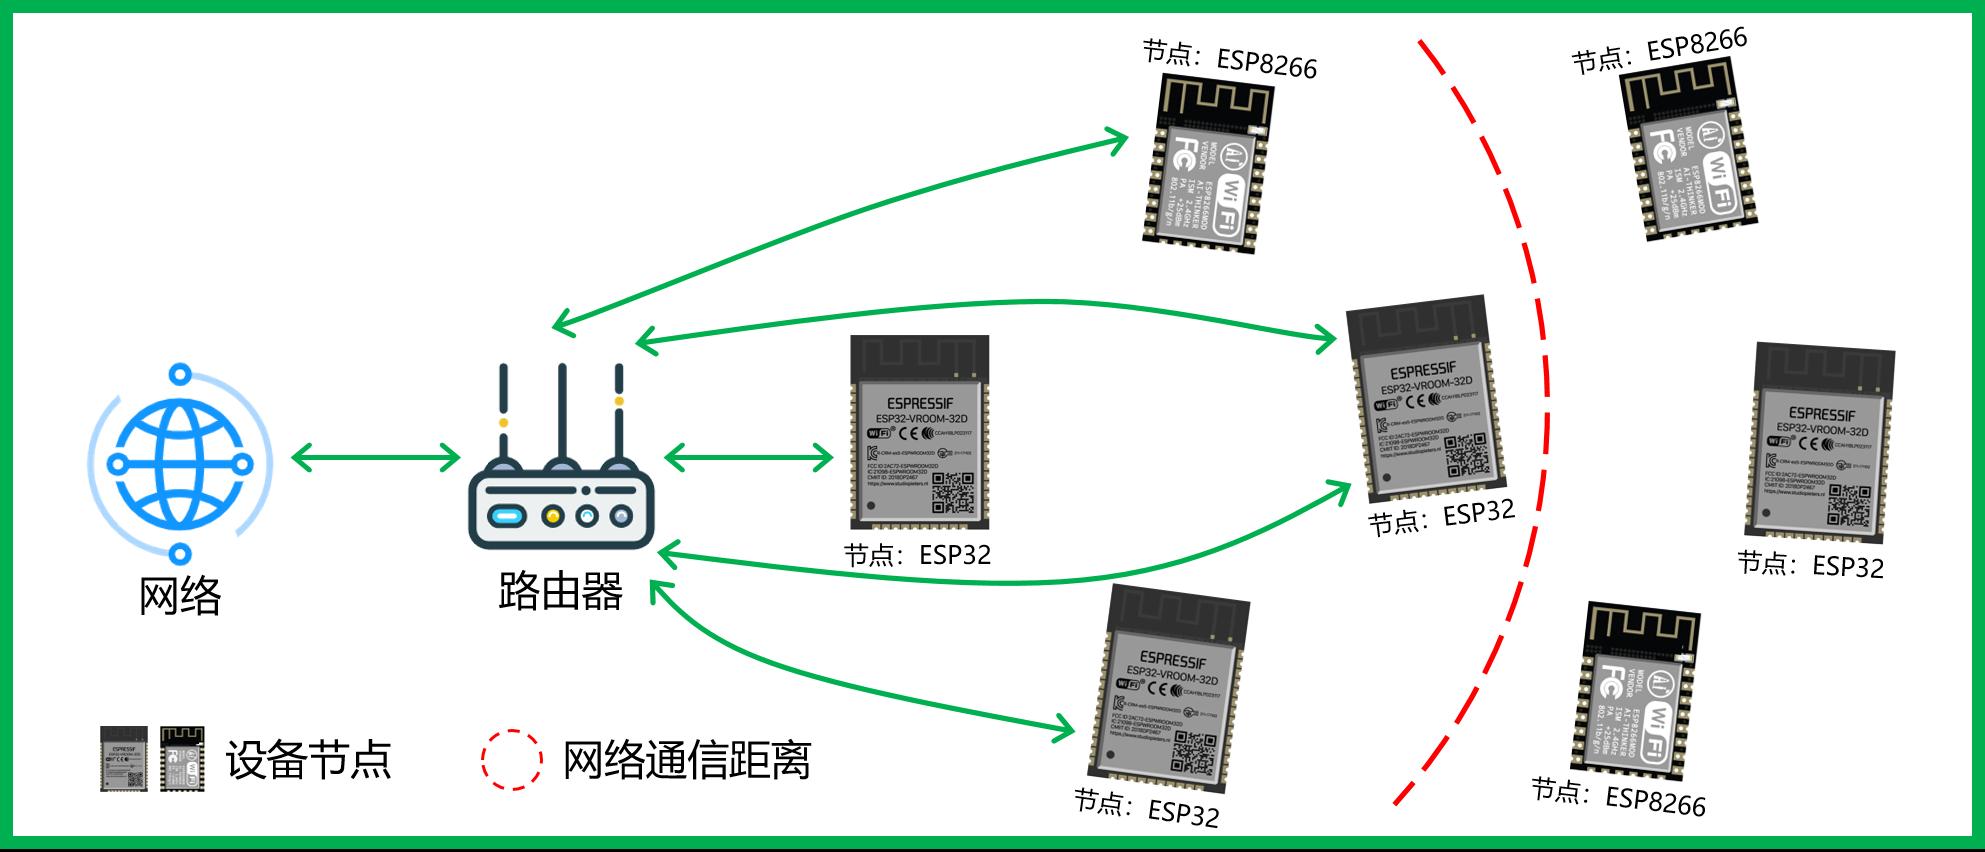 传统WiFi网络架构